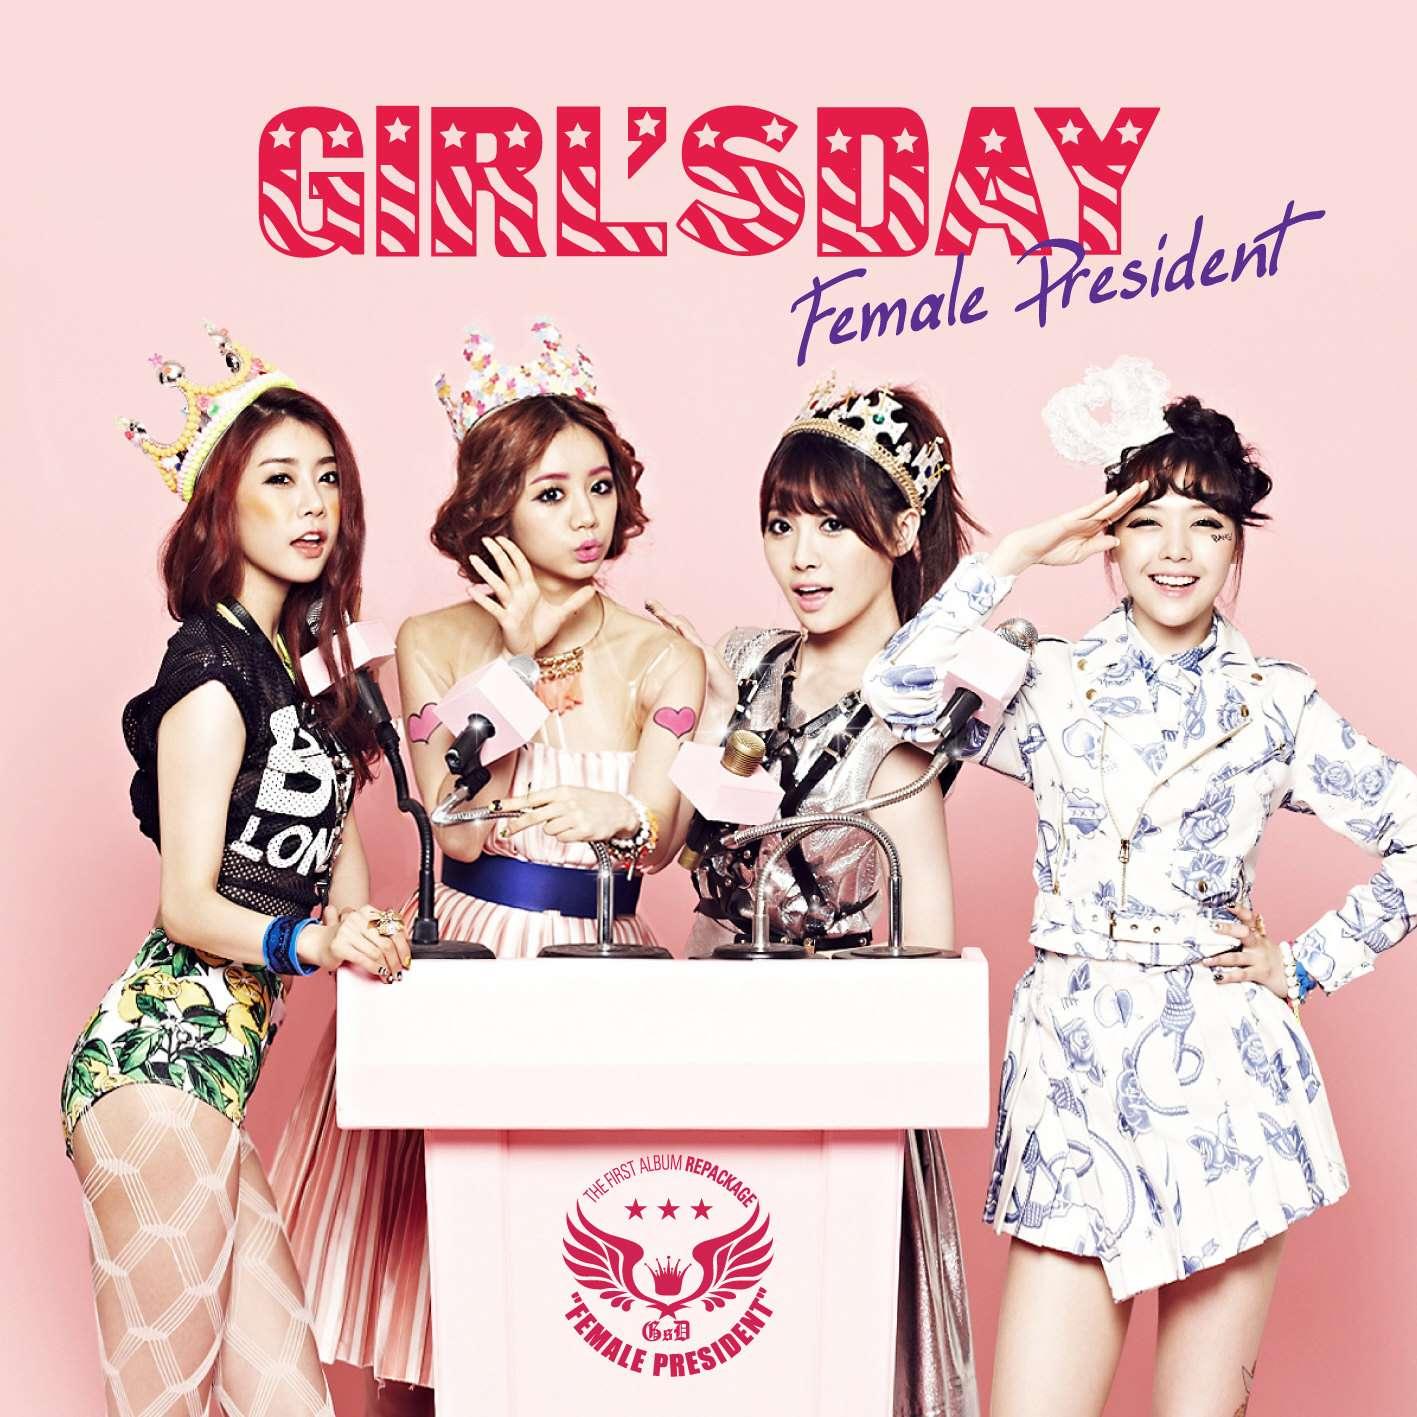 [Album] Girl's Day - Female President [Repackage]